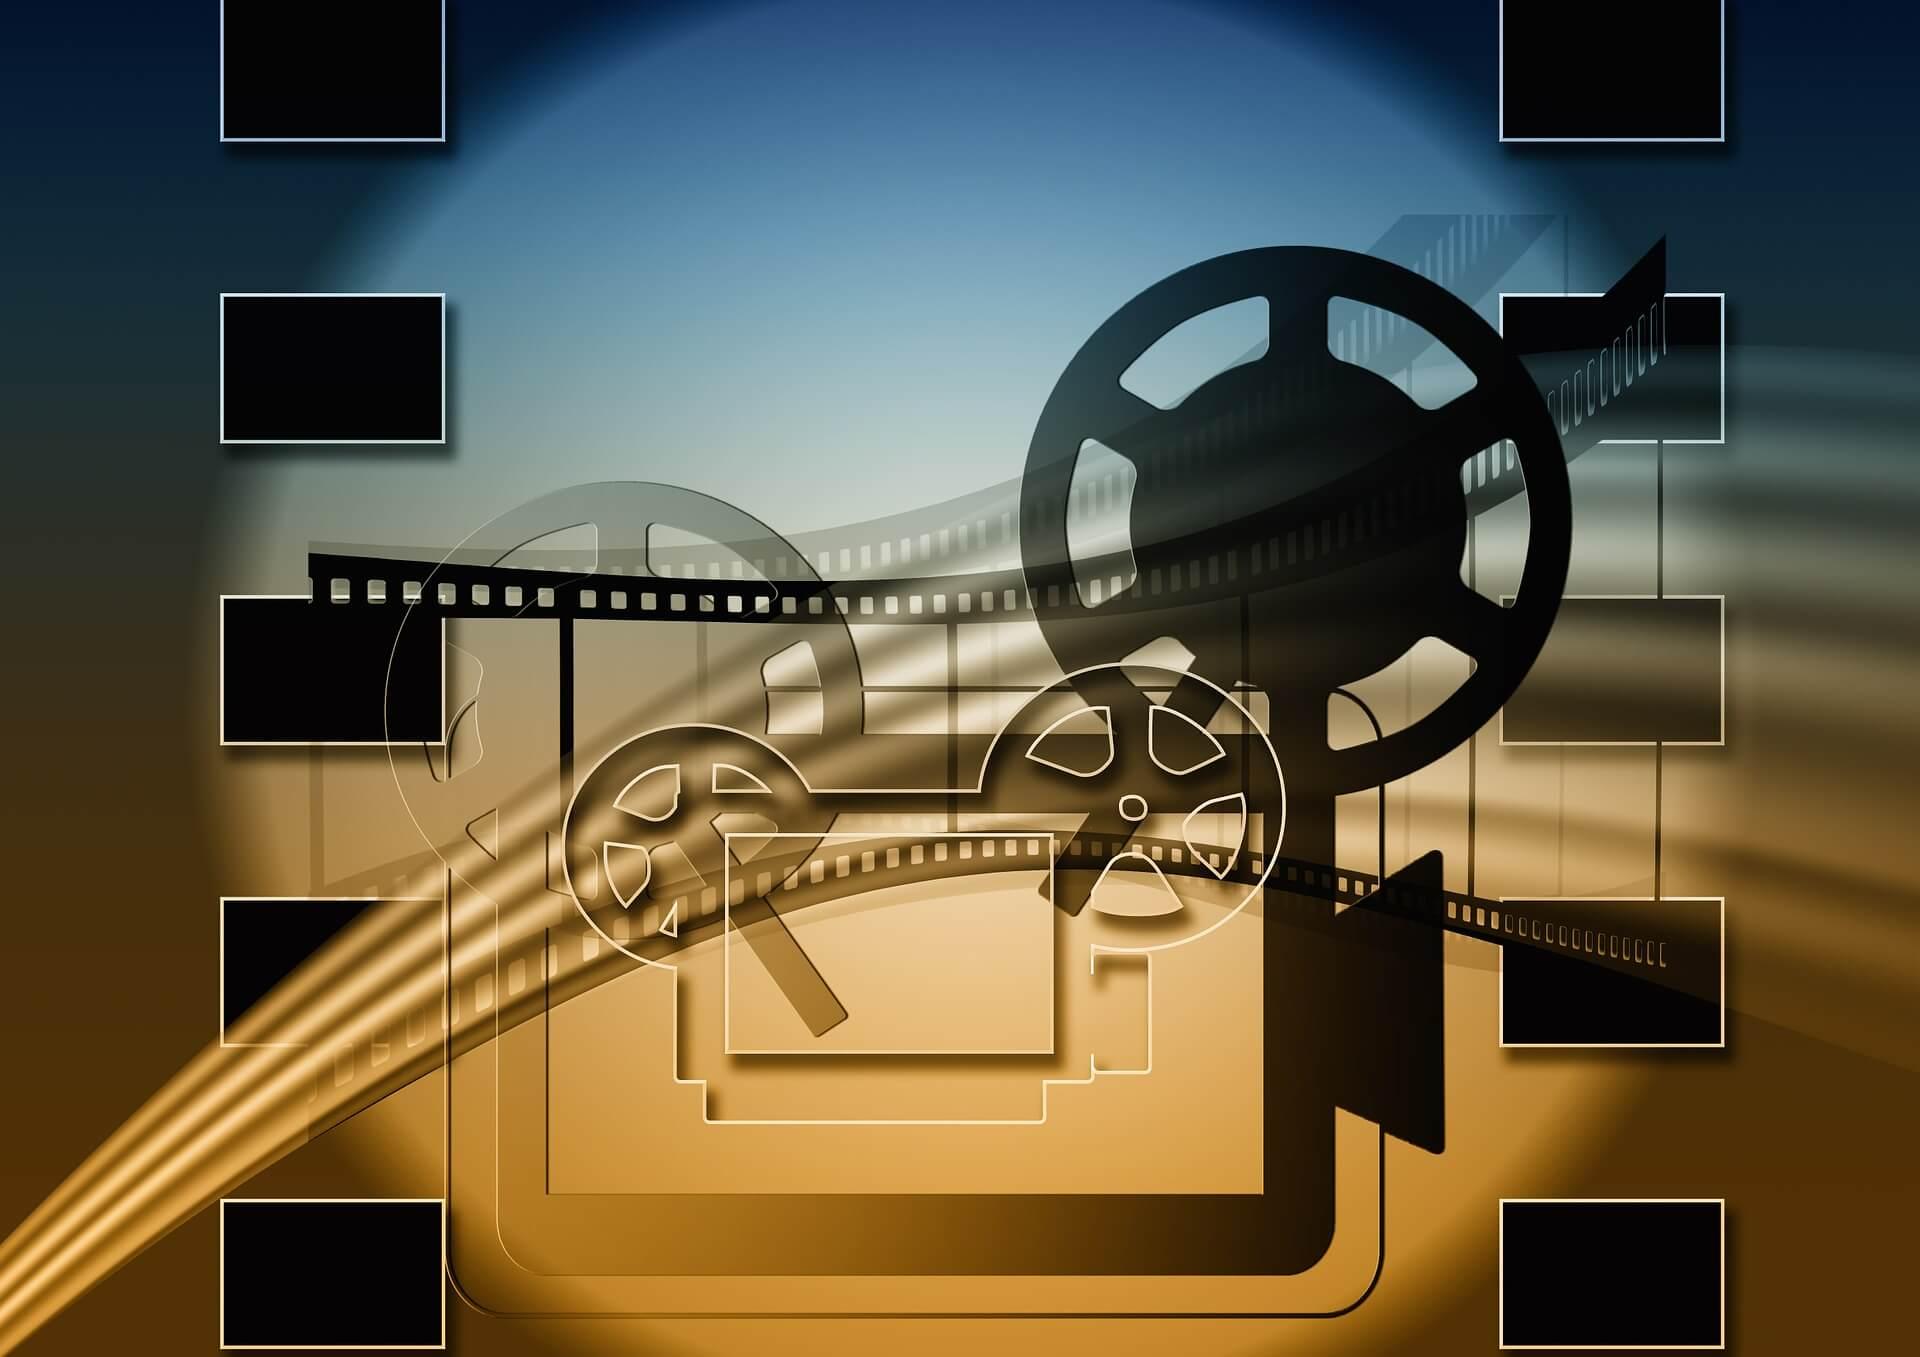 【無料映画】『ブルックリン橋をわたって』のフル動画無料視聴方法!あらすじ&感想評価は?